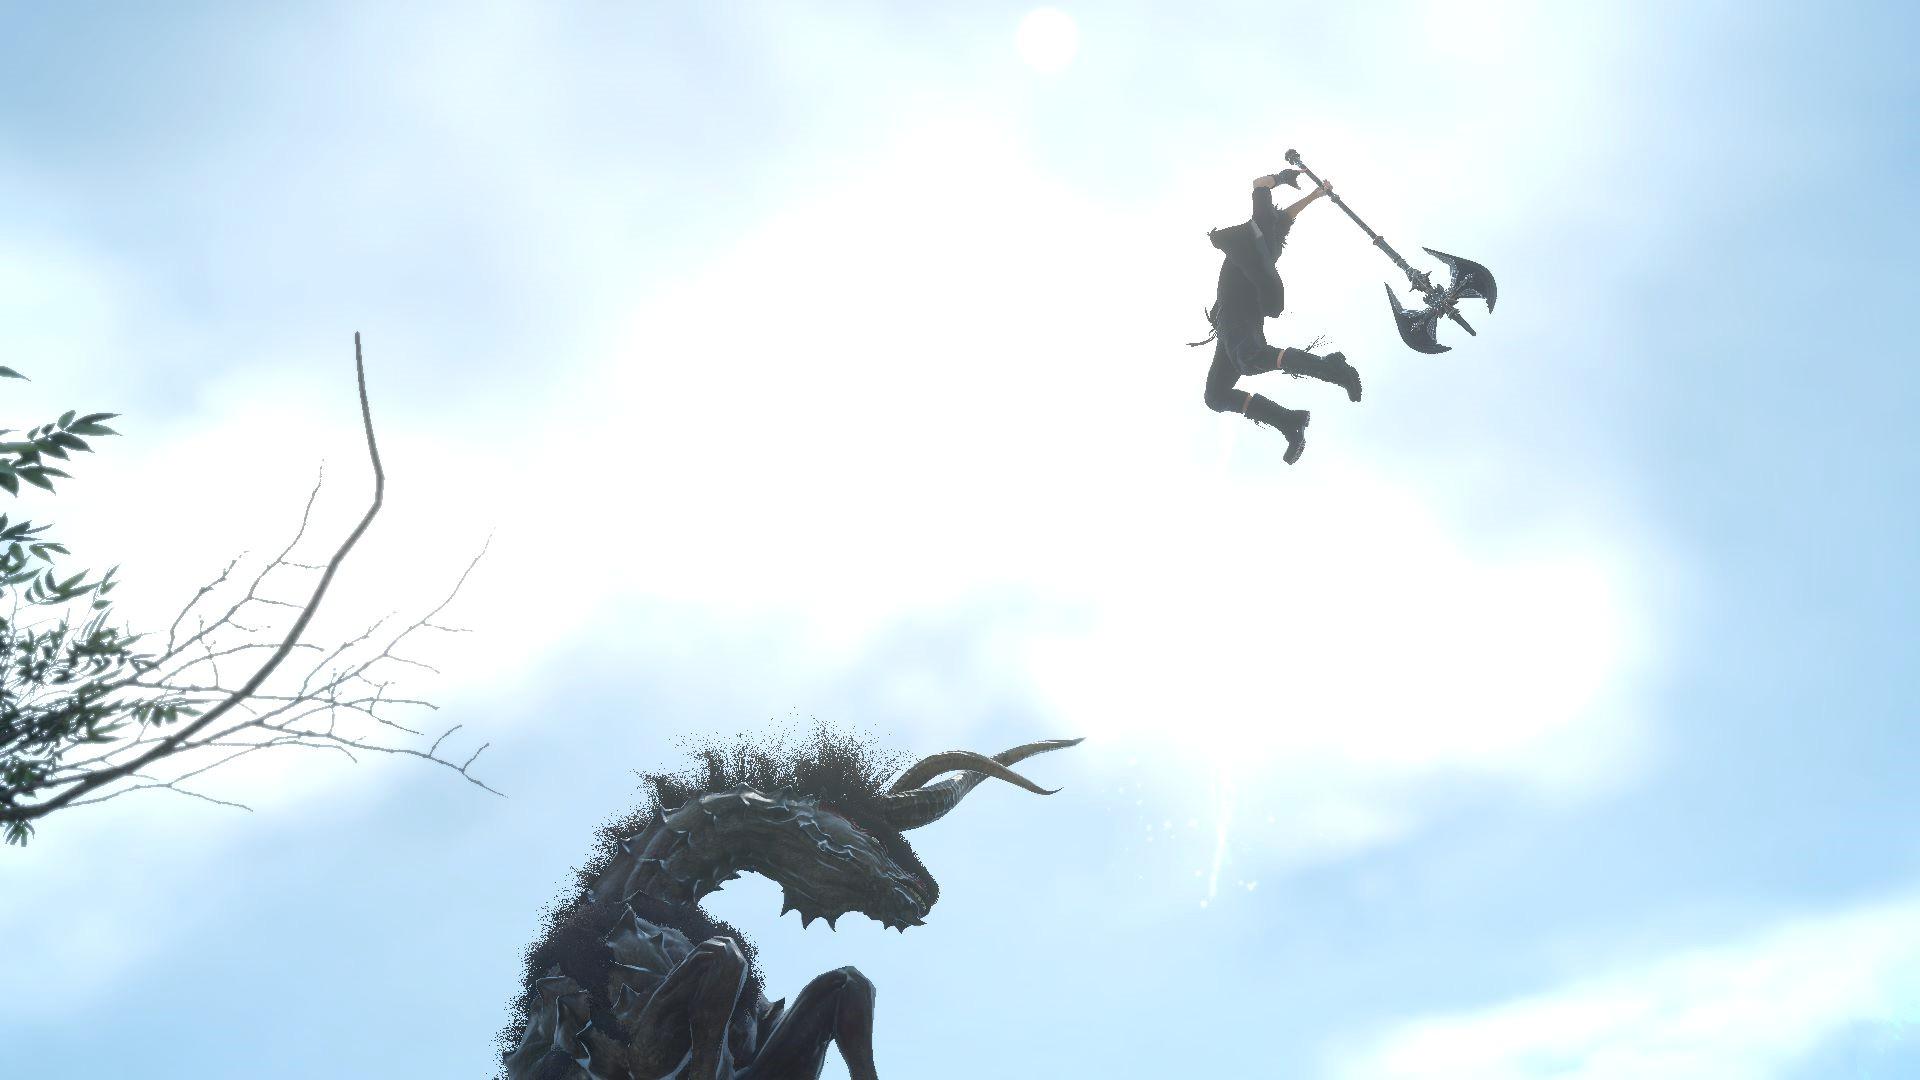 20180328113035_1.jpg - Final Fantasy 15